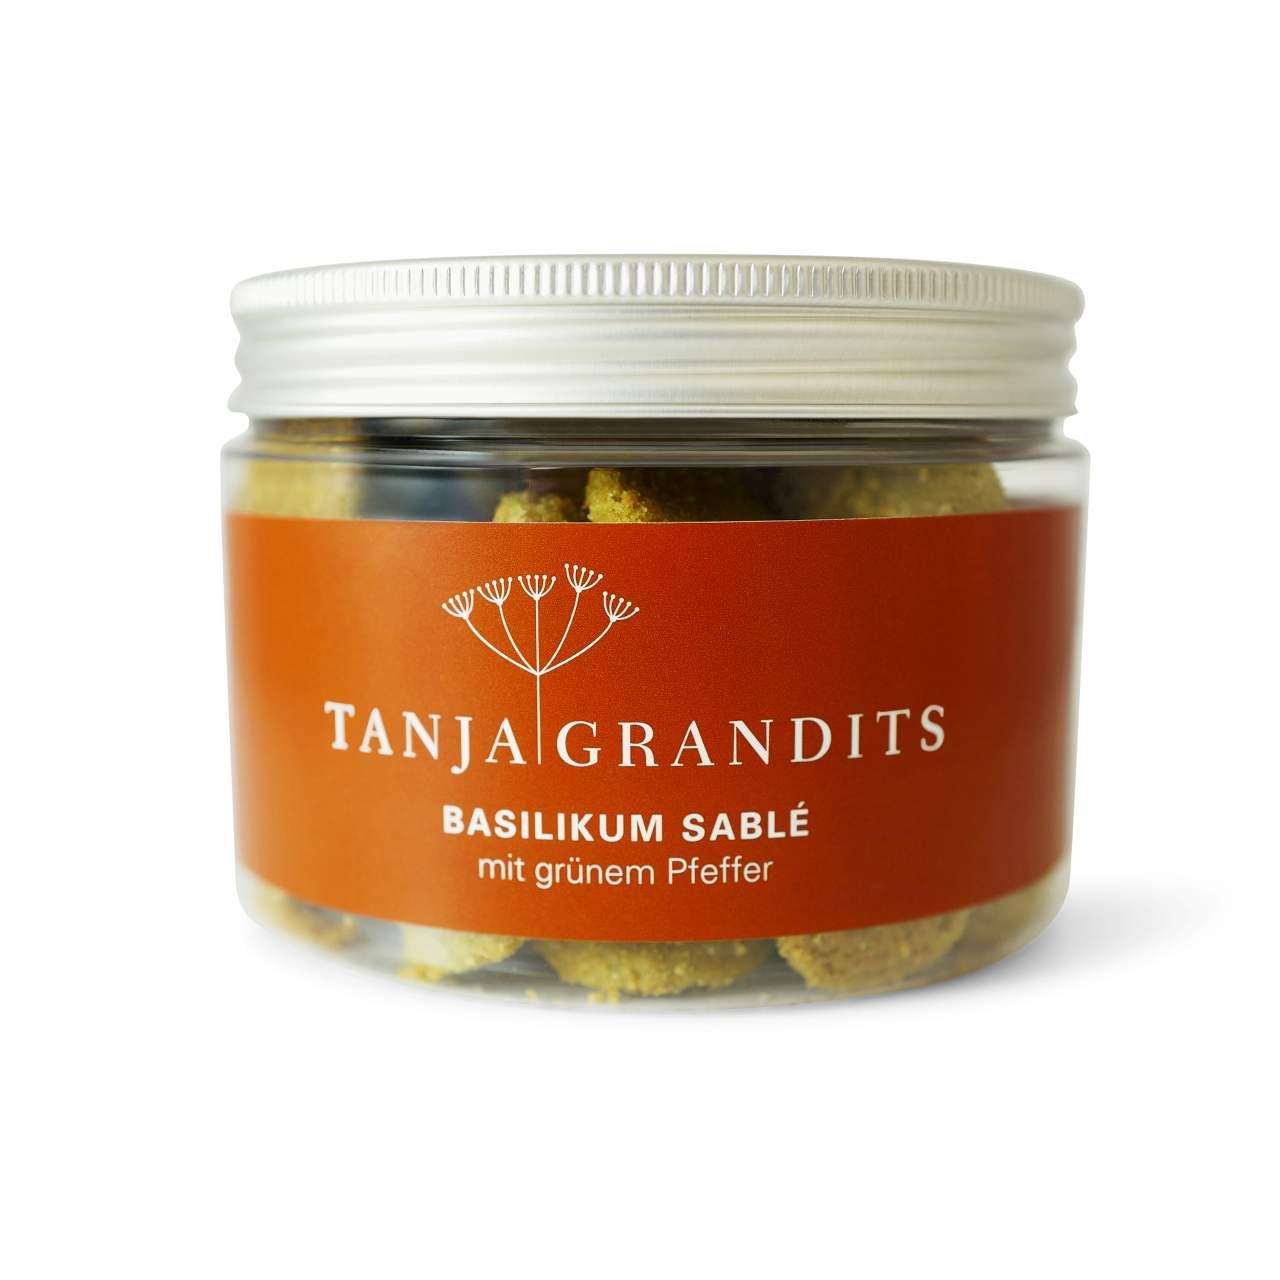 Tanja Grandits: Basilikum Sablé mit grünem Pfeffer